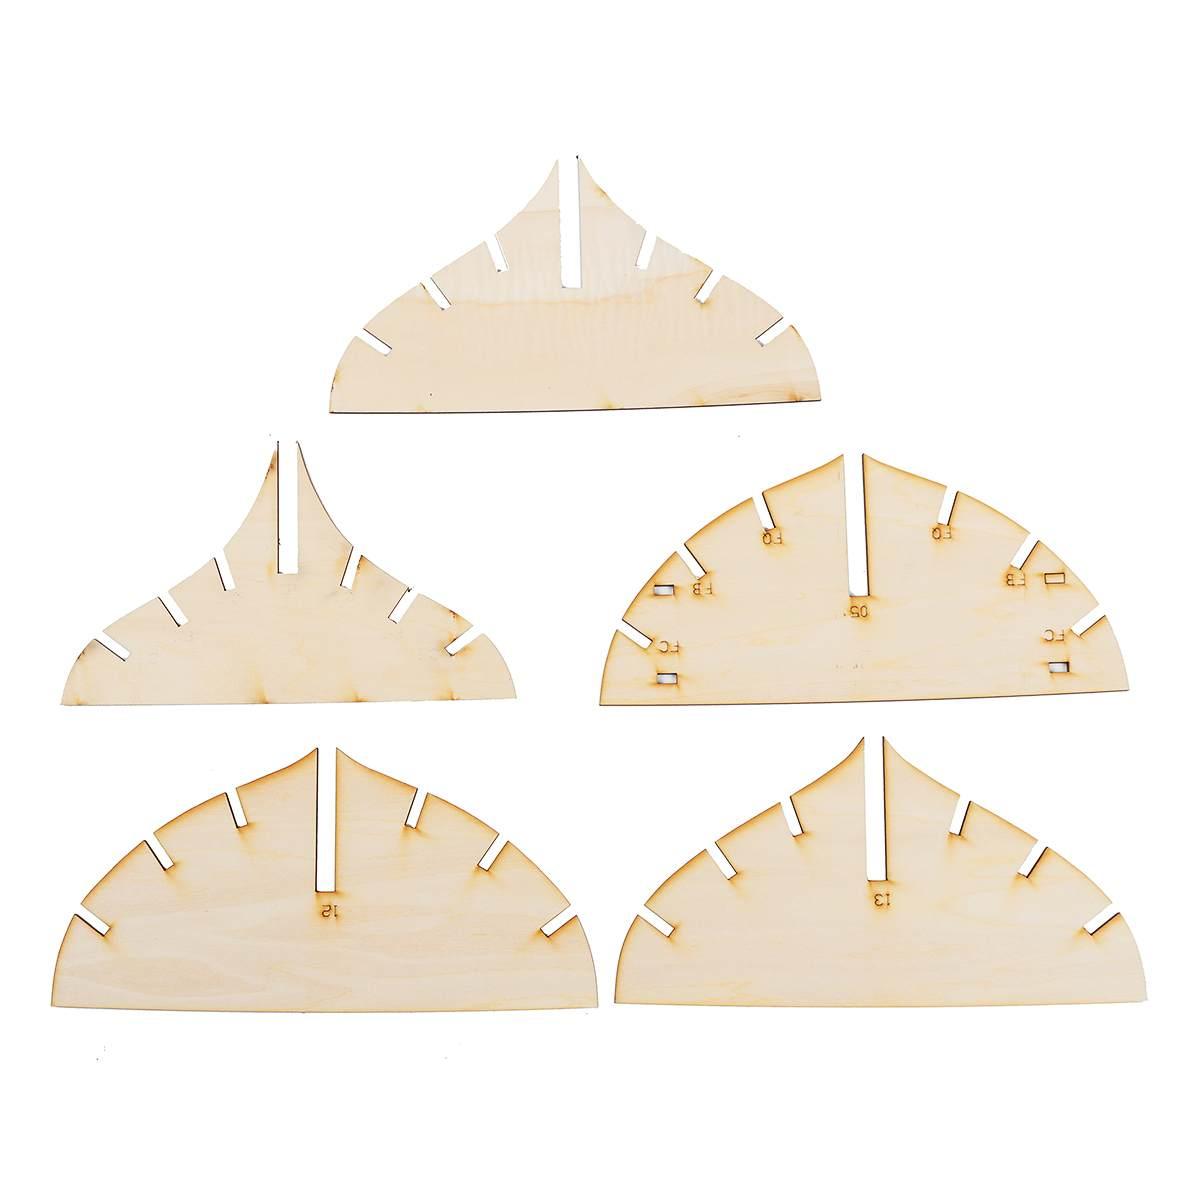 DIY Handgemaakte Montage Schip Voor HMS Bellona 1/48 Schaal Houten Craft Slagschip Model Kits Huishoudelijke Ornamenten Decoratie Gift - 5